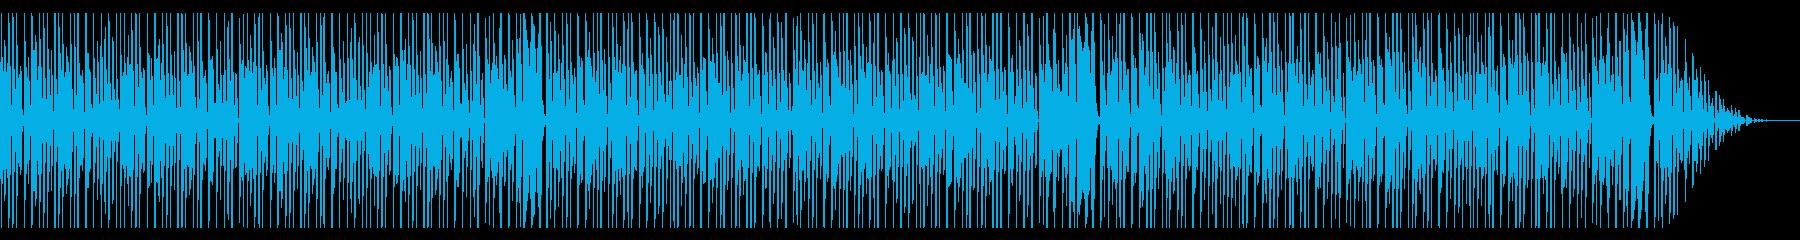 ほのぼの かわいい とぼけた感じの再生済みの波形